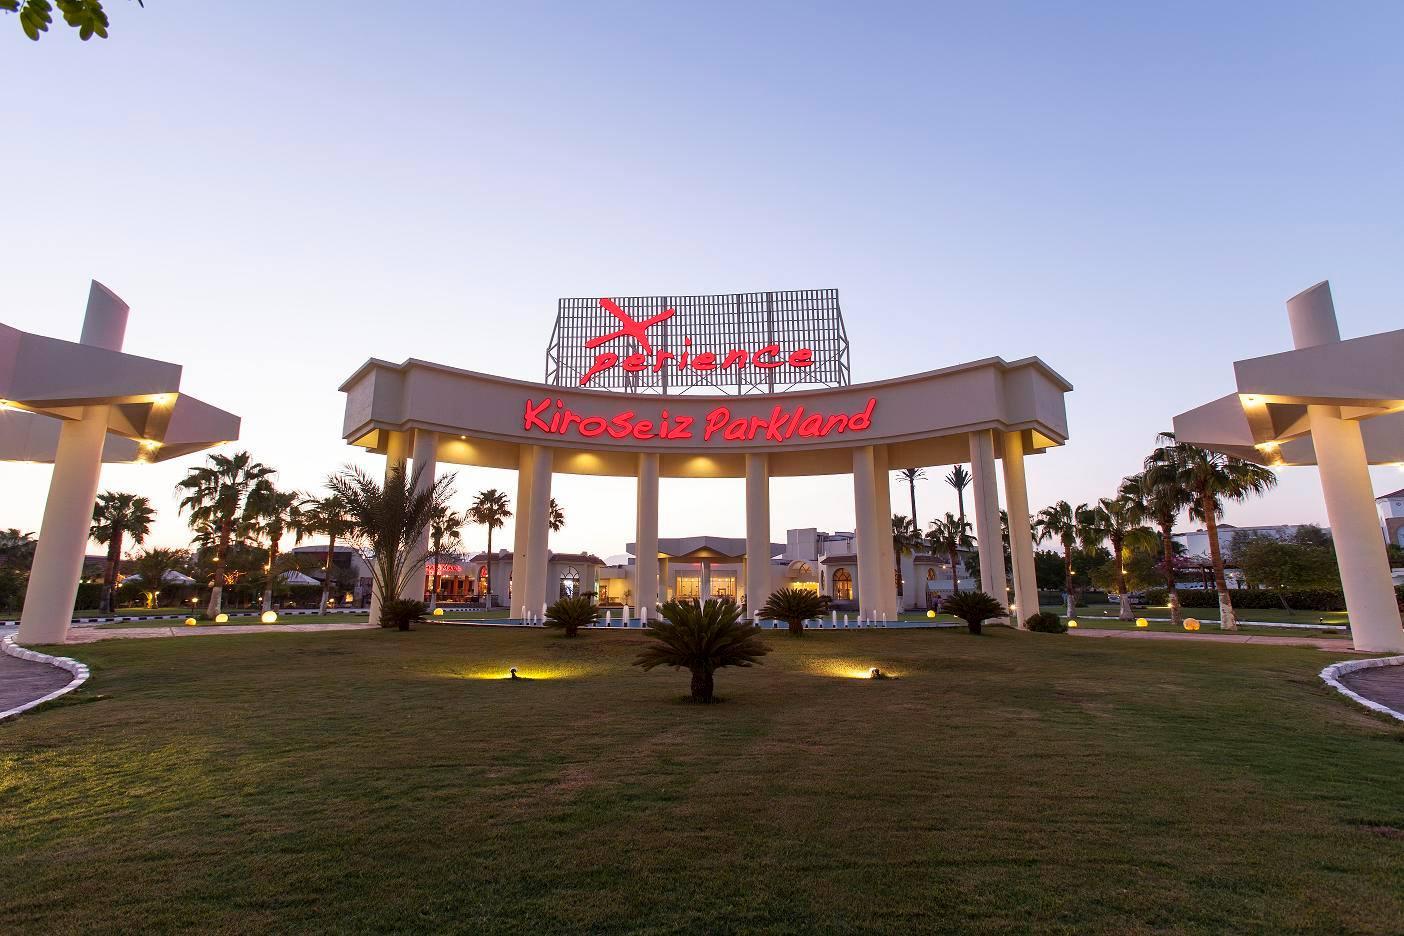 Fanadek Masr | فنادق مصر | اكسبرينس كيروسييز بارك لاند خليج نعمة